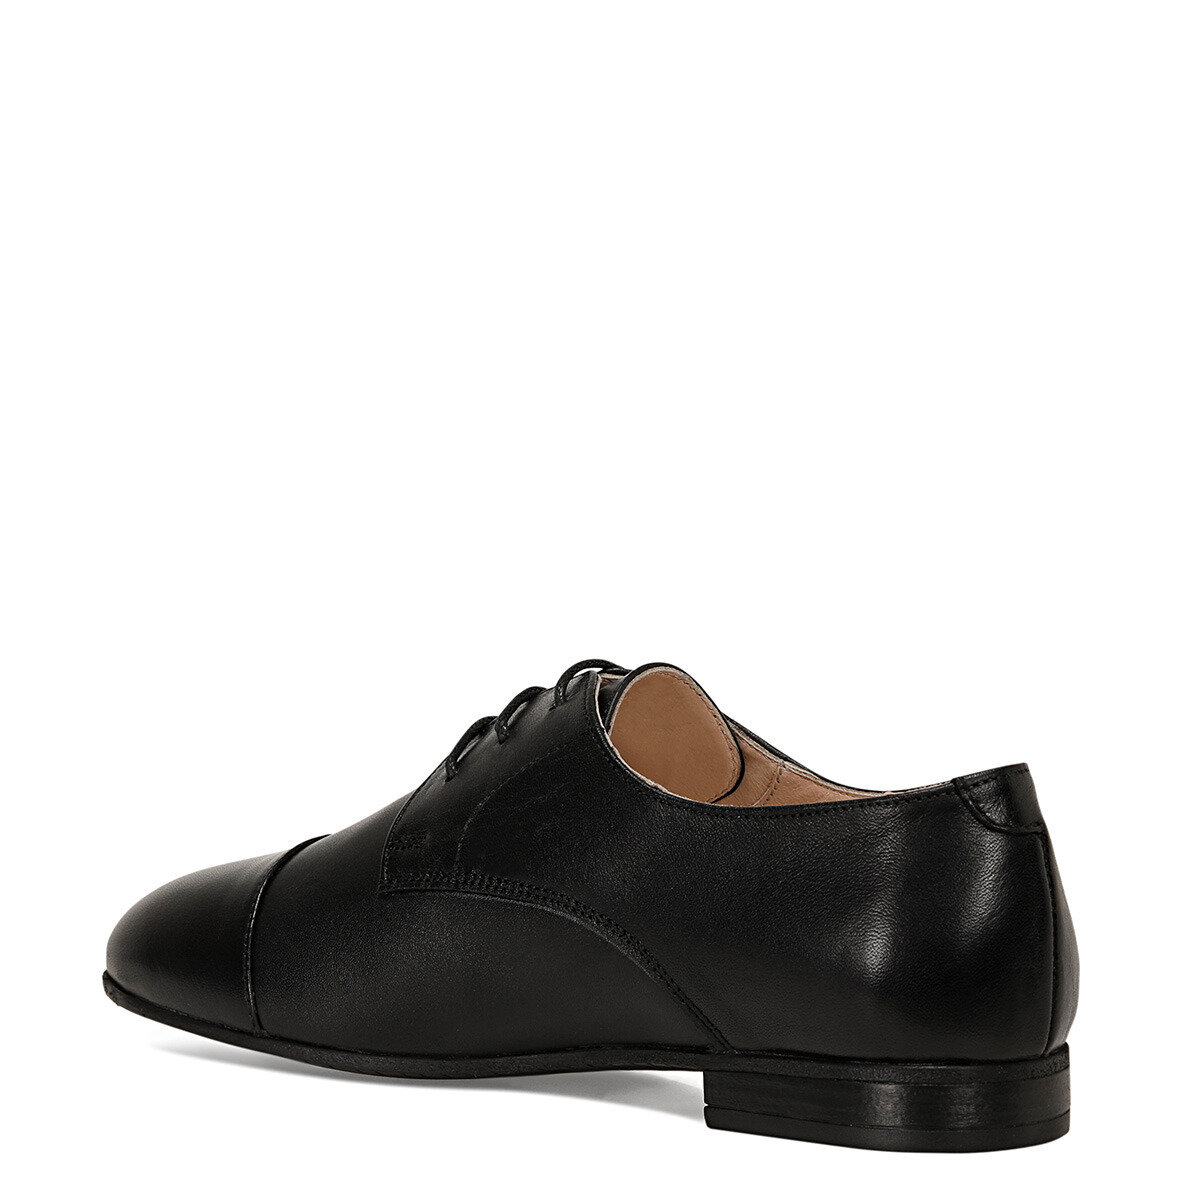 YERDA Siyah Kadın Oxford Ayakkabı